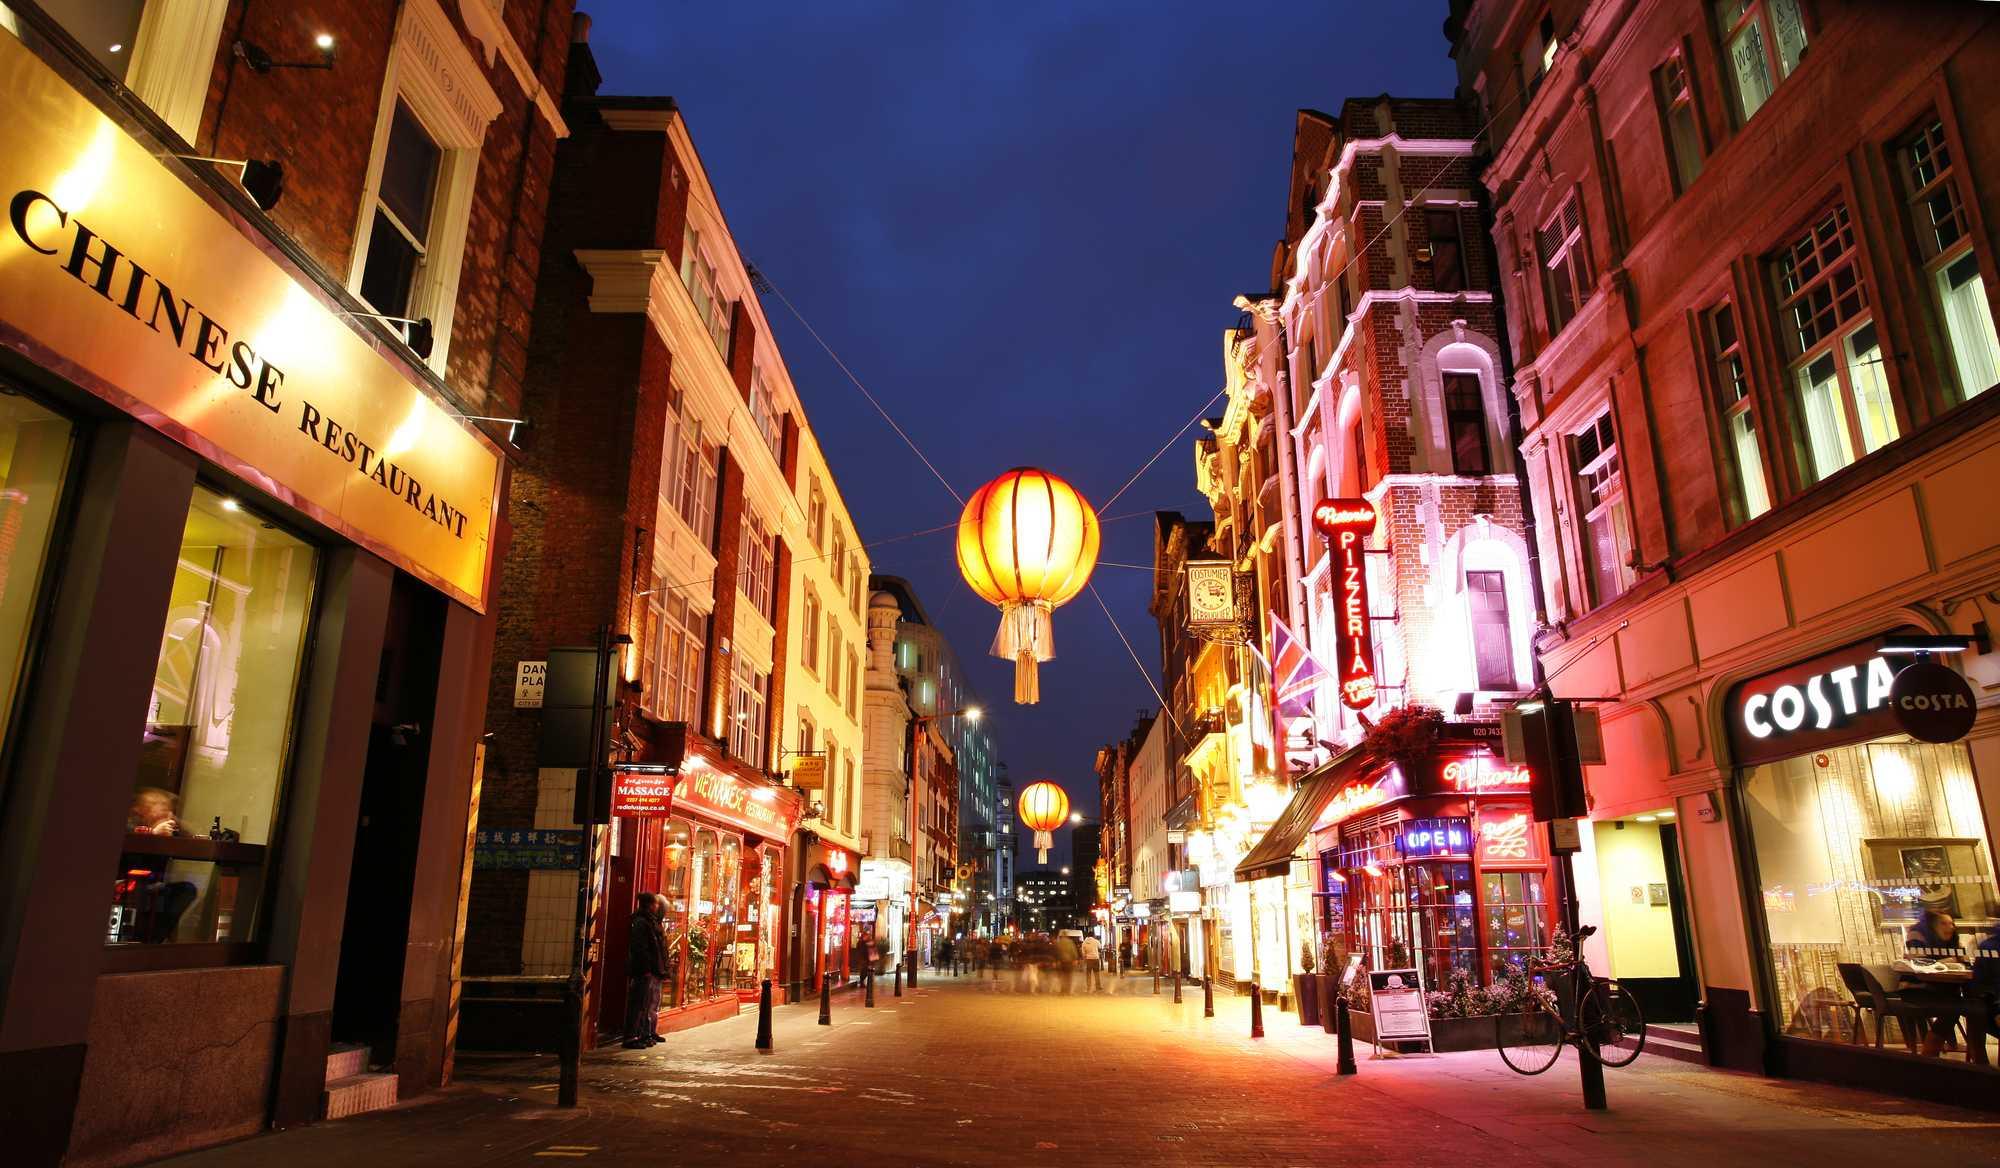 Soho Londen